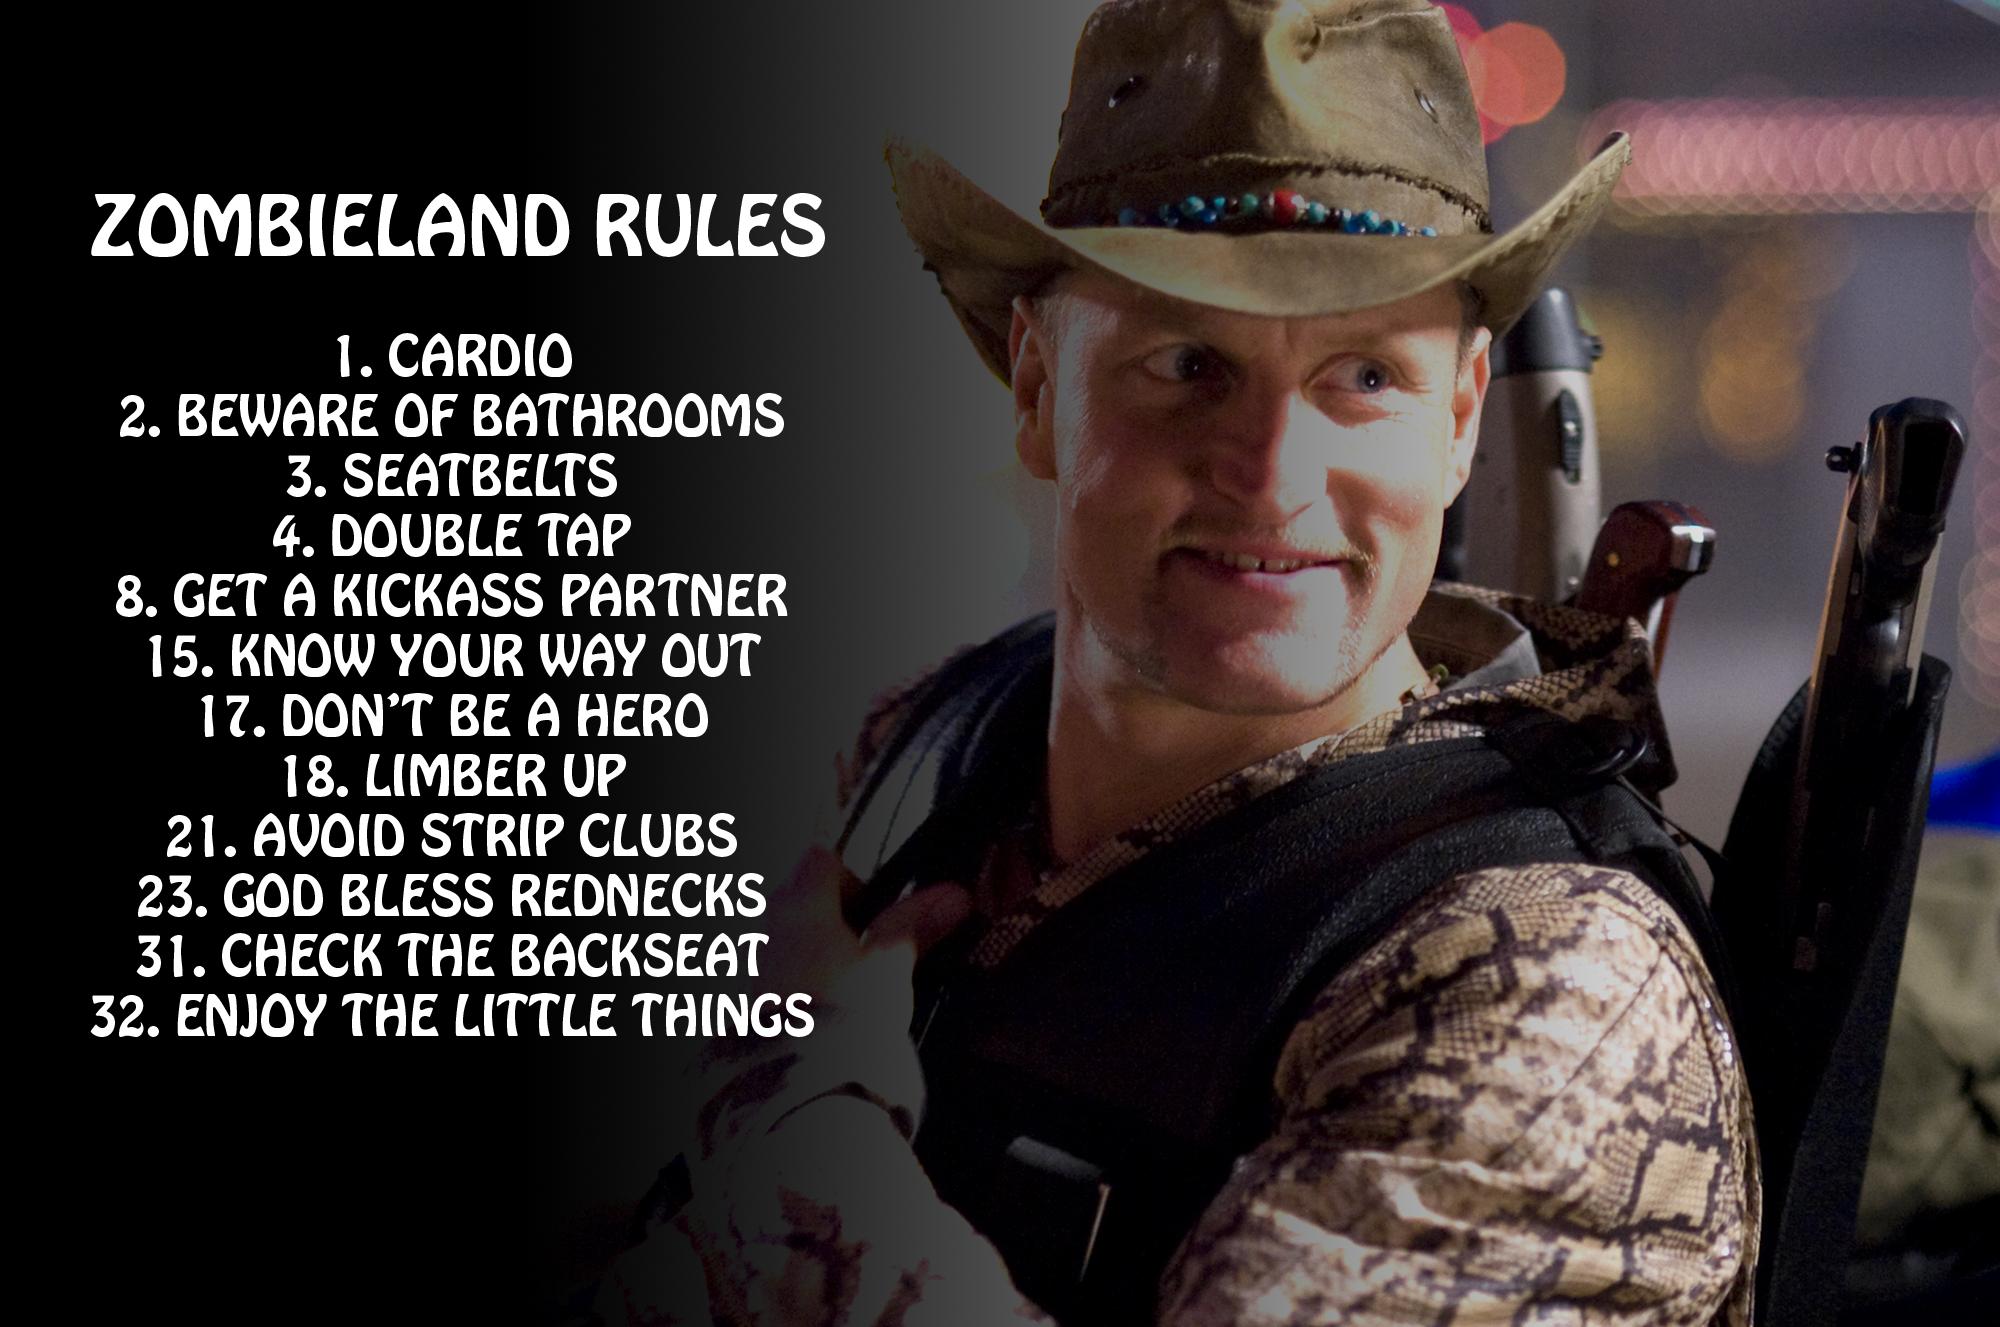 Humeur de l'instant... en ce que vous voulez - Page 11 Zombieland-2009-rules